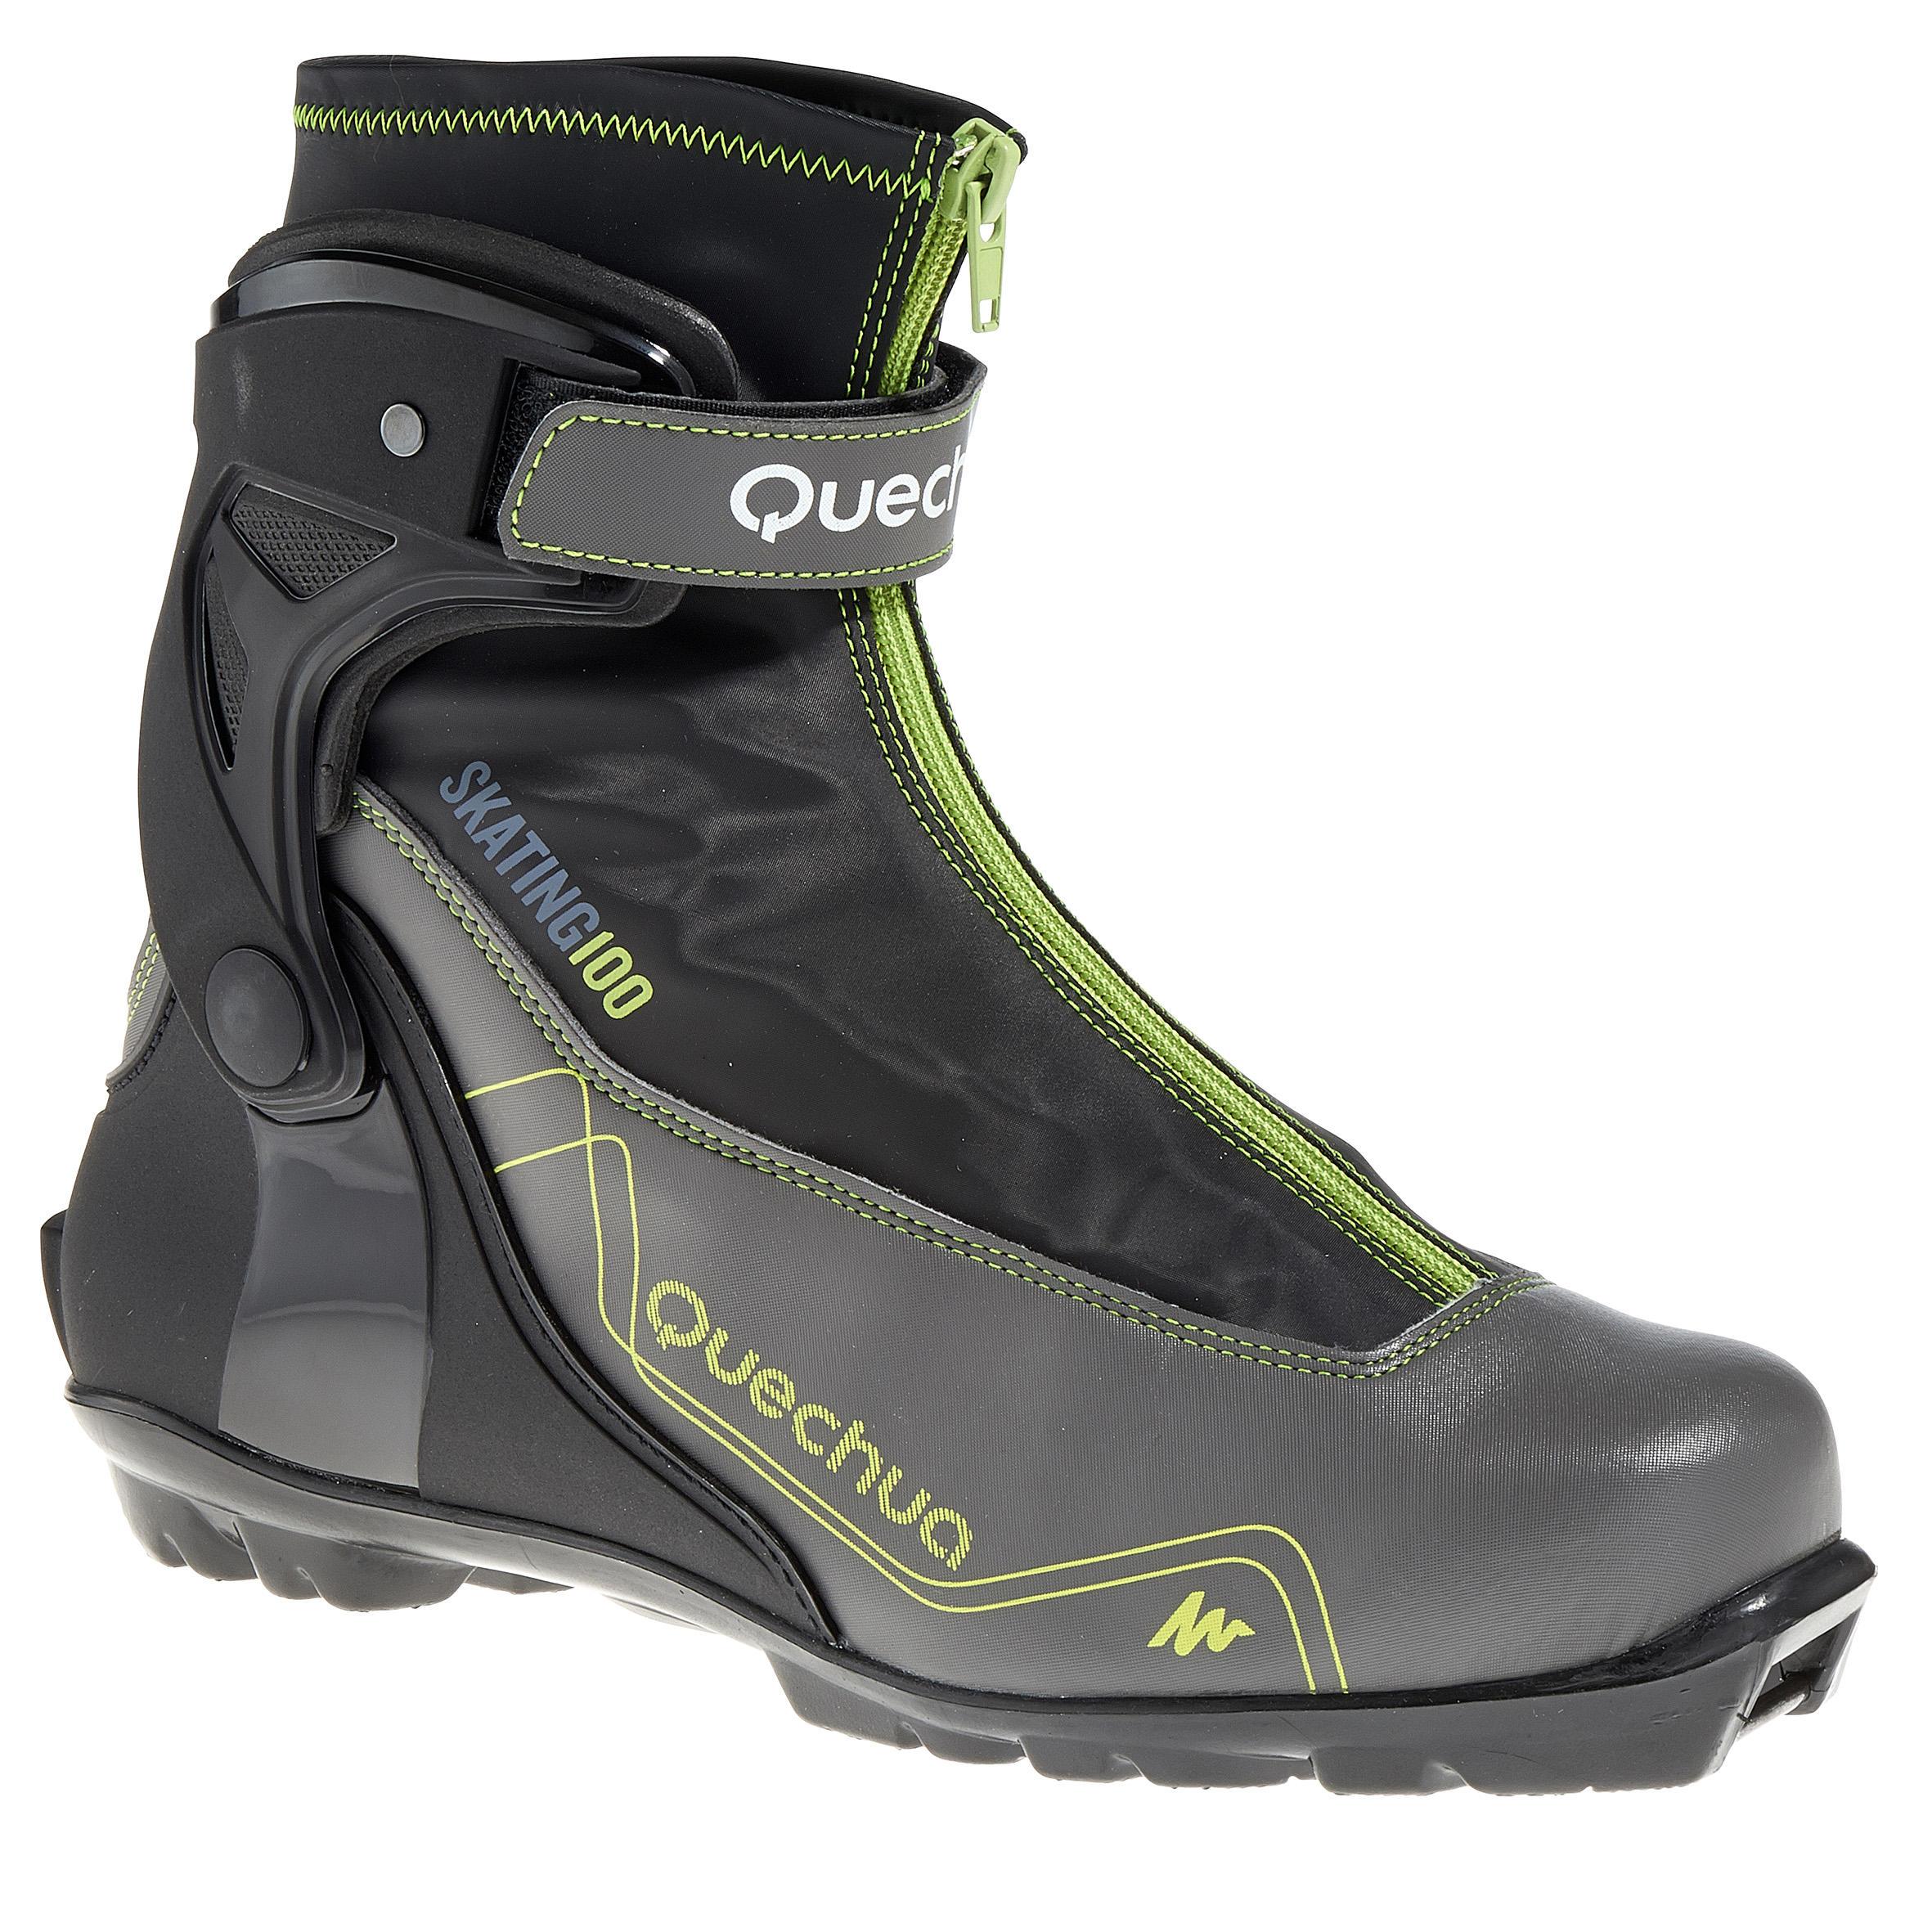 Quechua Langlaufschoenen voor heren sportief Skate 100 NNN thumbnail